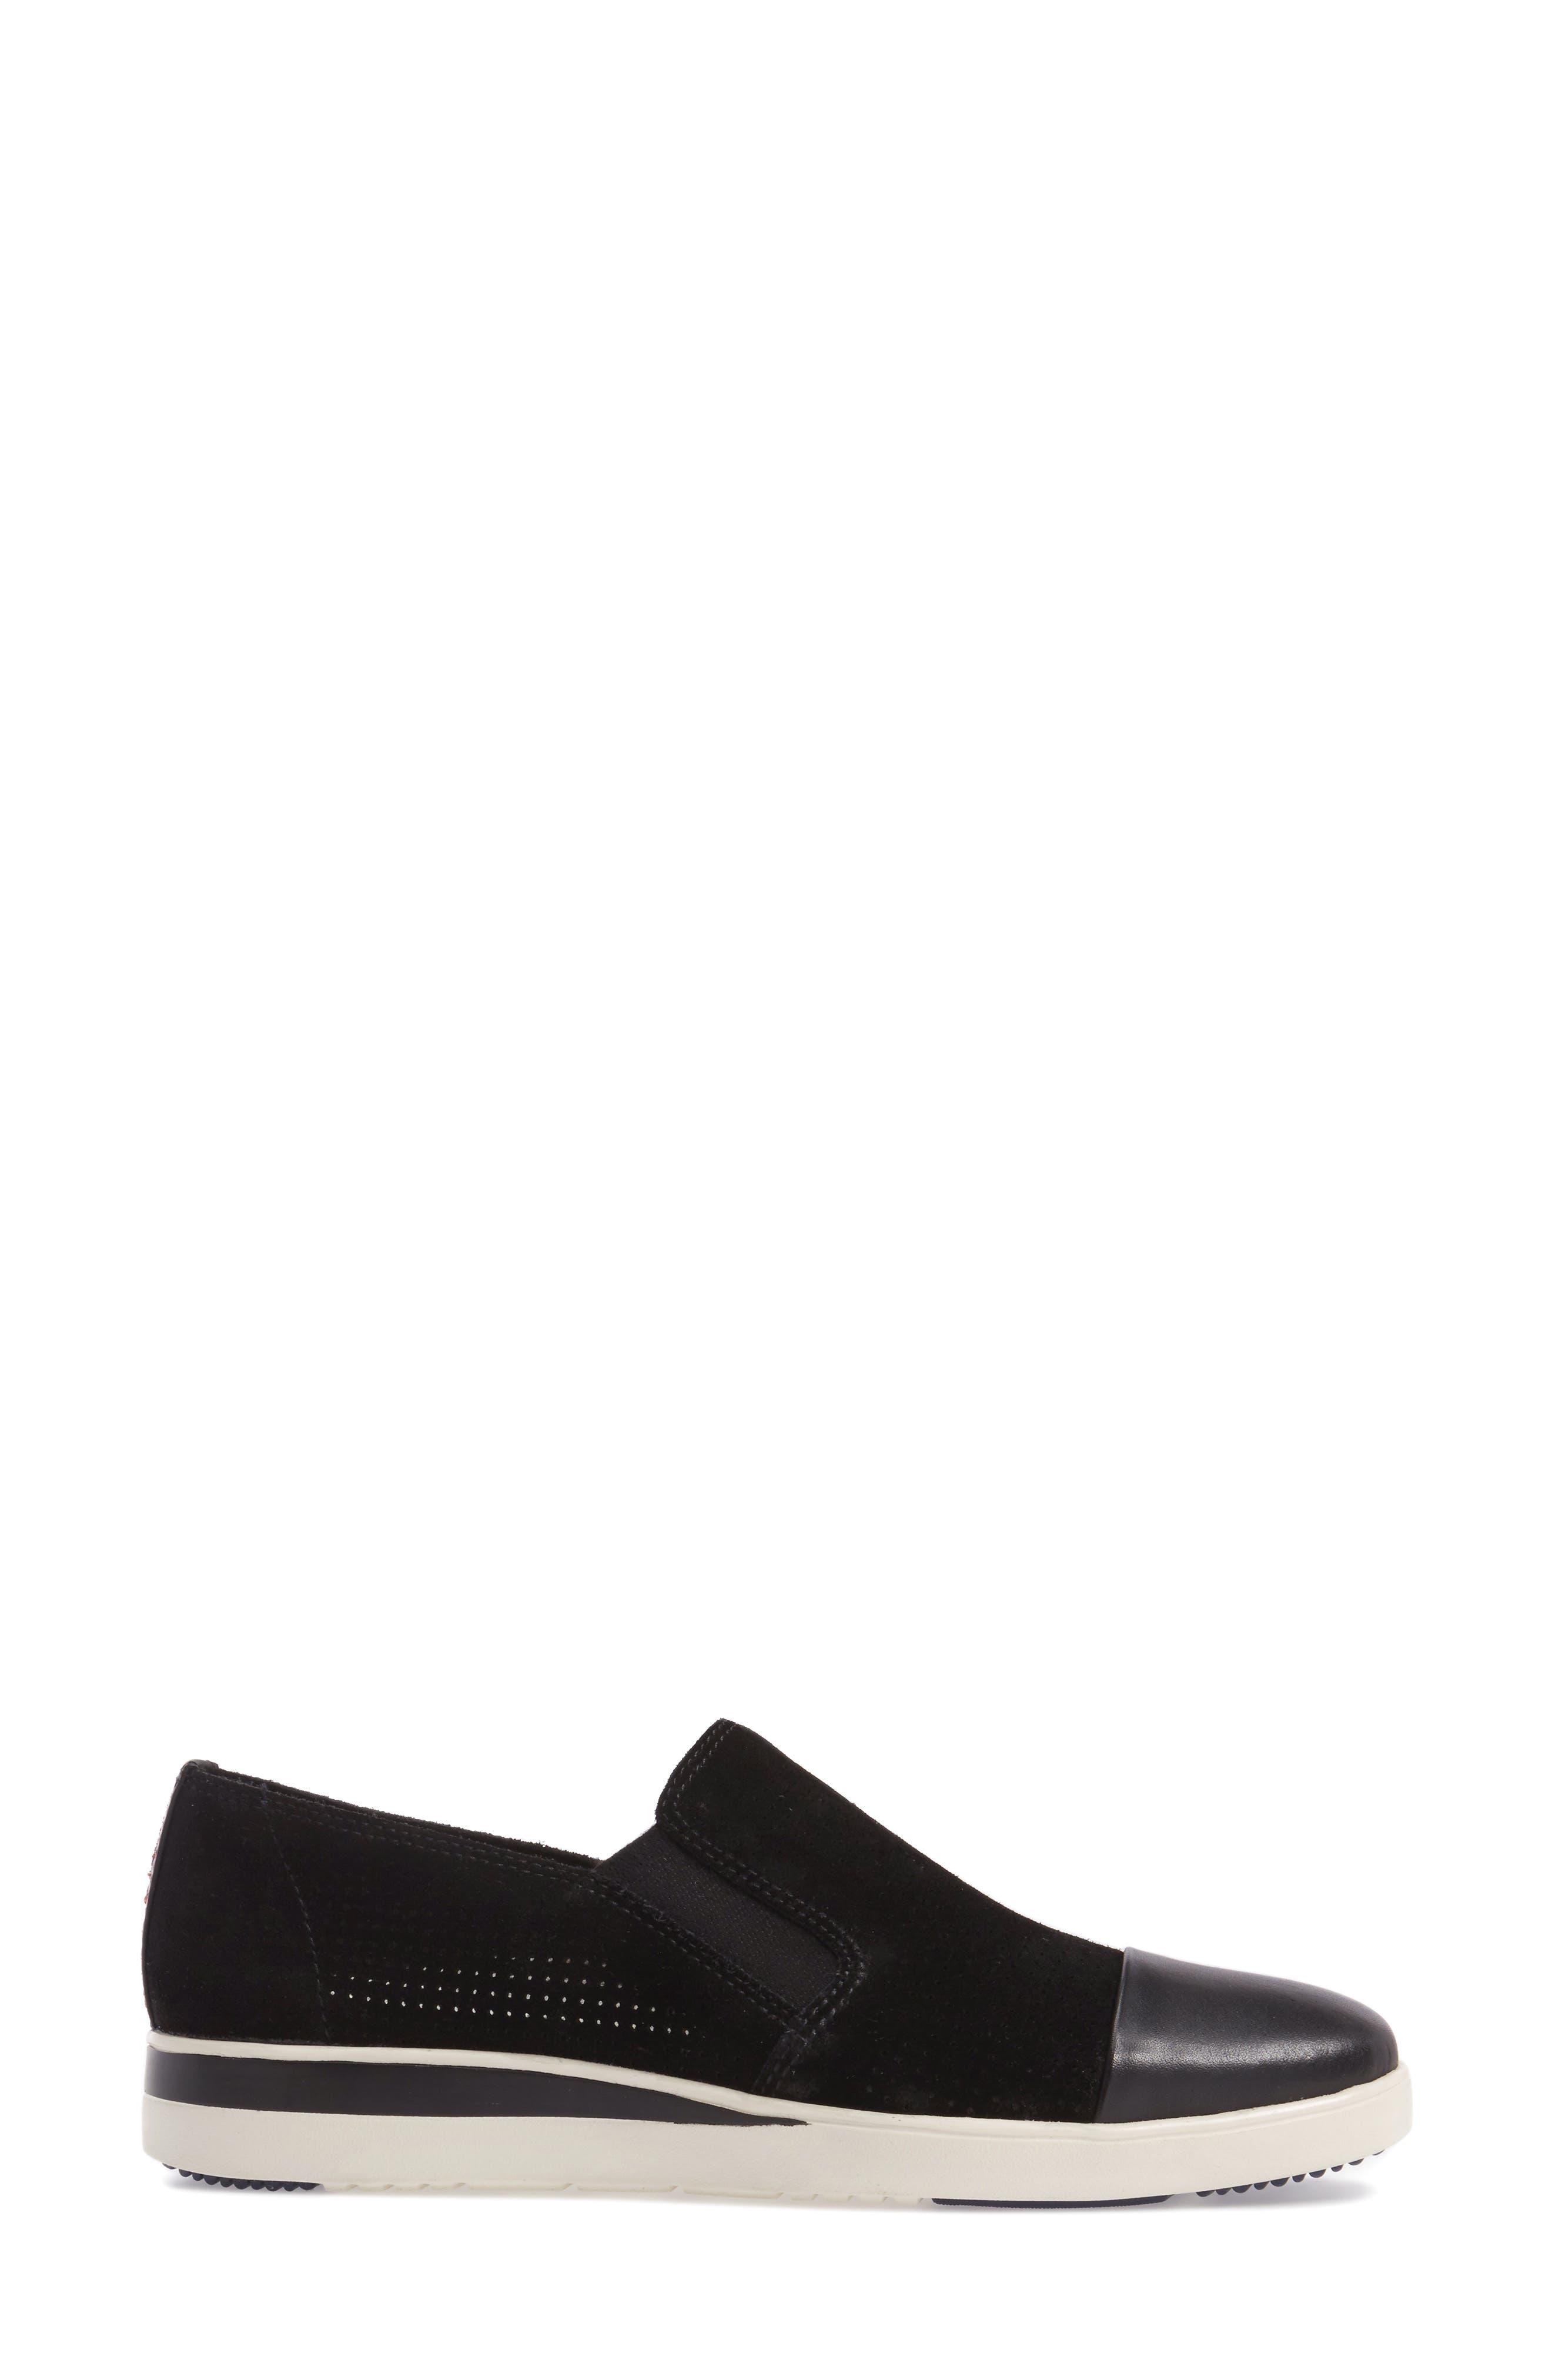 Aviana Cap Toe Slip-On Sneaker,                             Alternate thumbnail 3, color,                             002